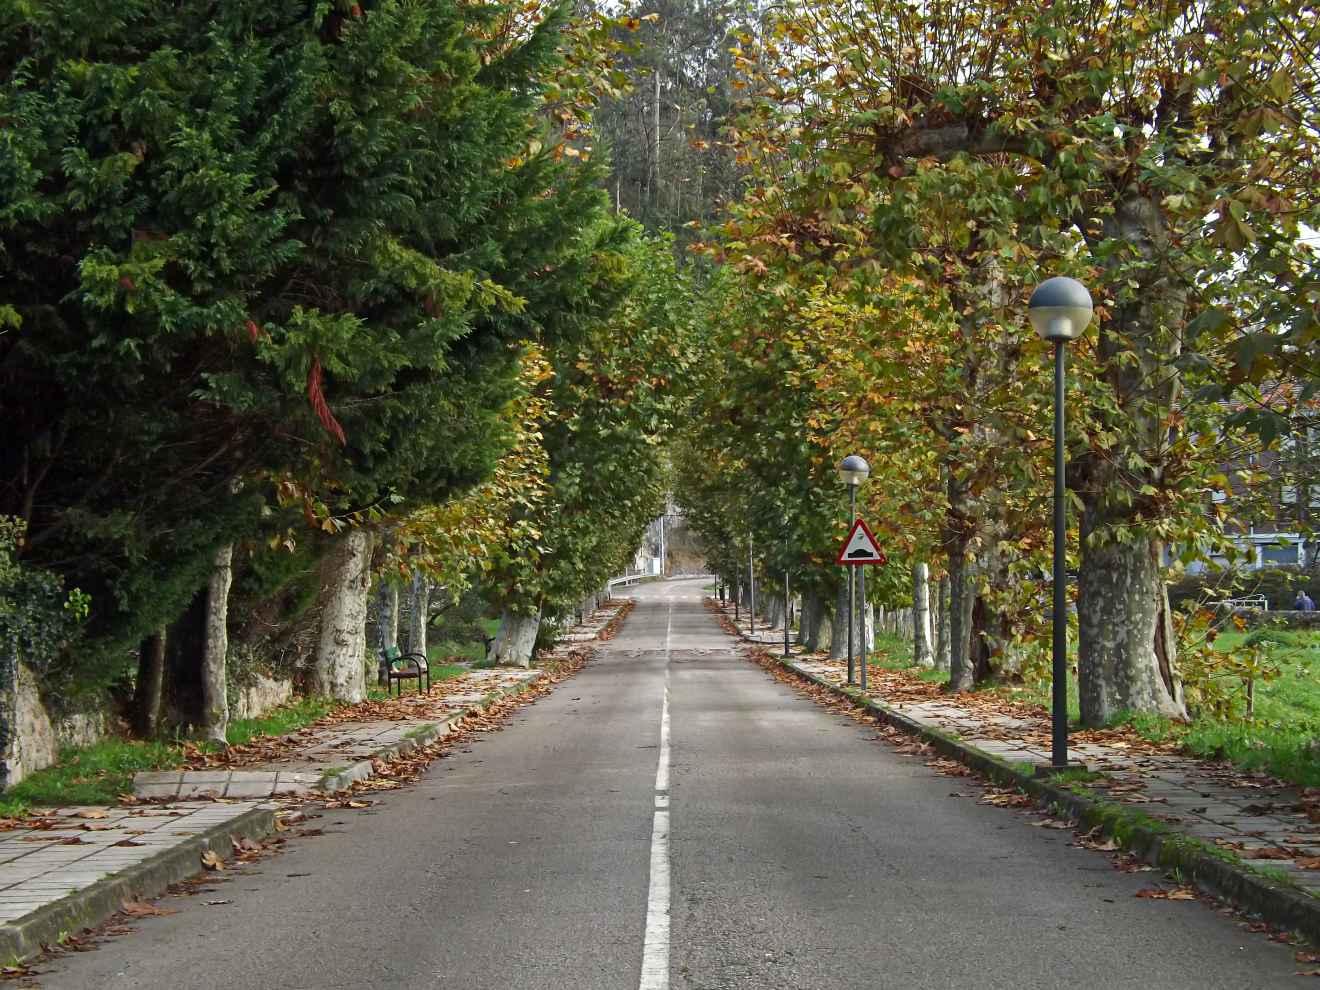 Carretera arbolada en Casar